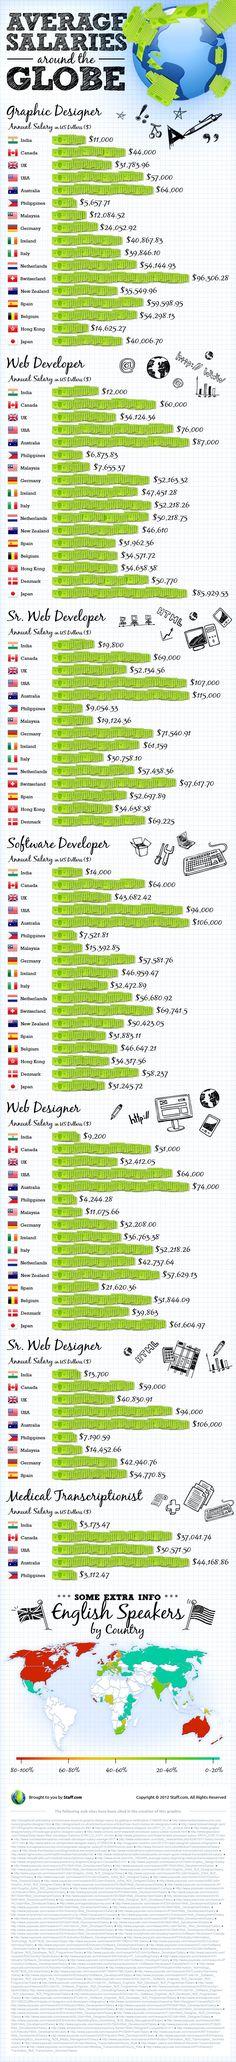 Amis du web belge, comparez votre salaire à celui de vos petits camarades du monde entier!